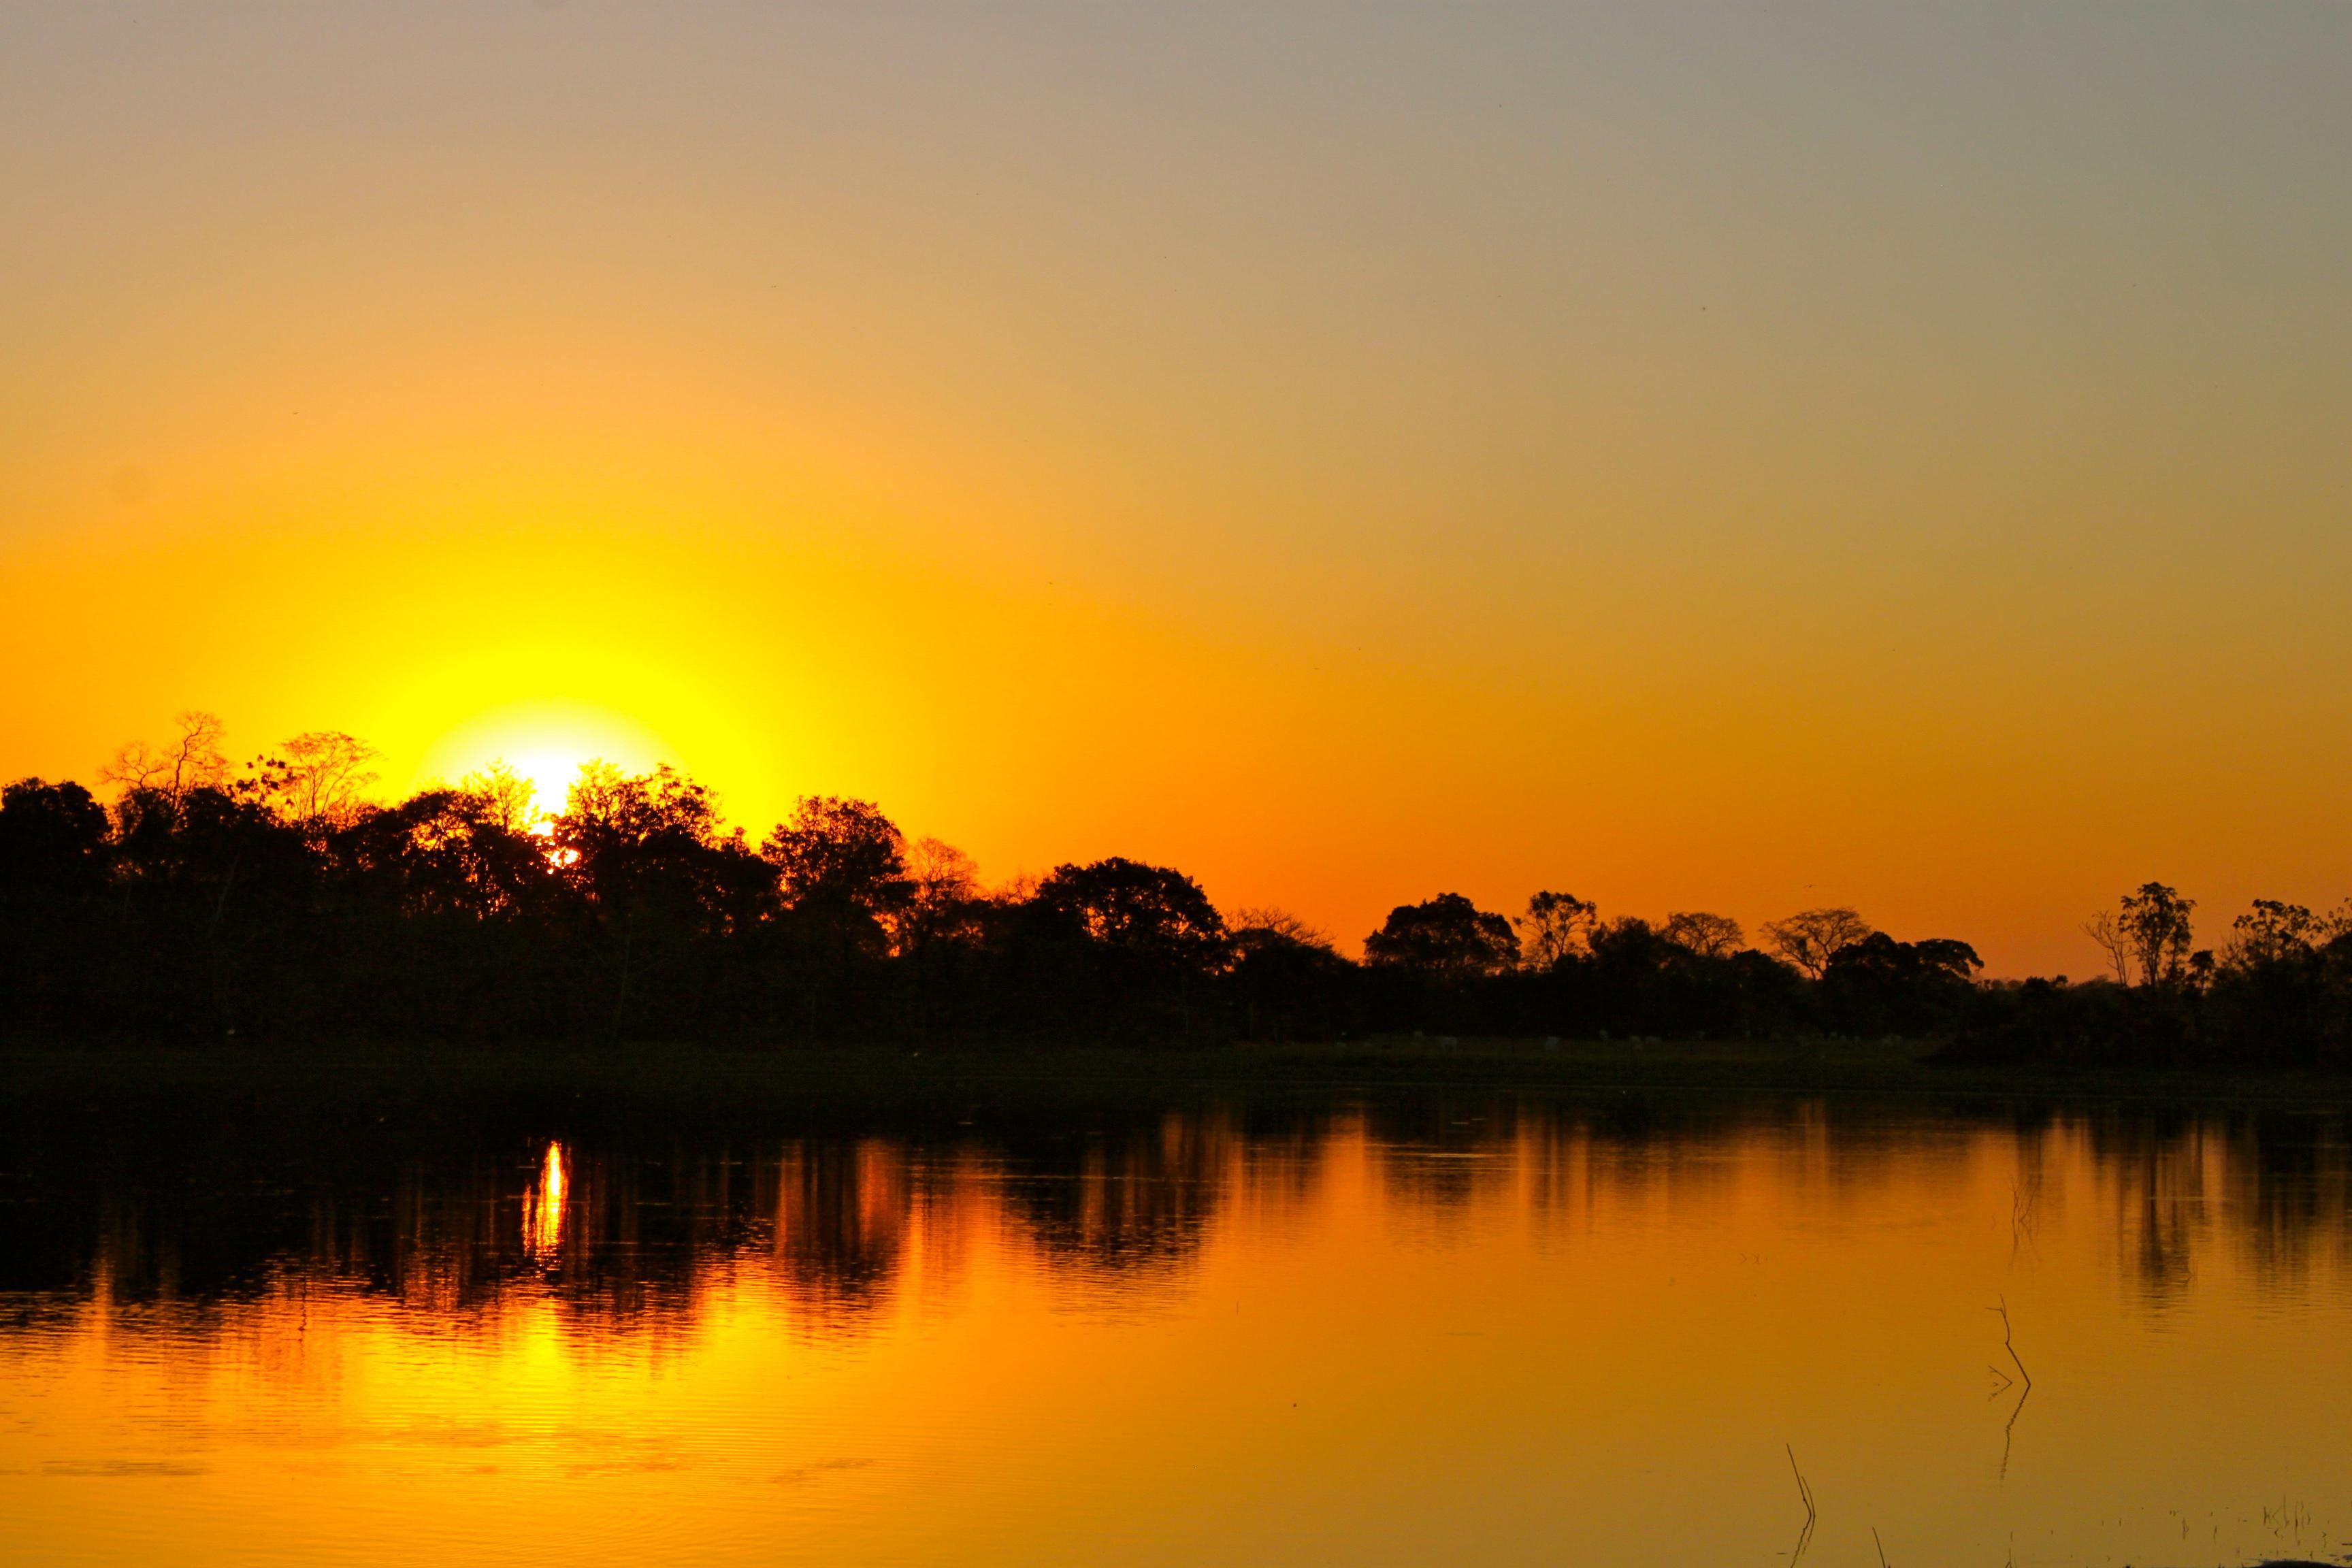 sunset pantanal brazil